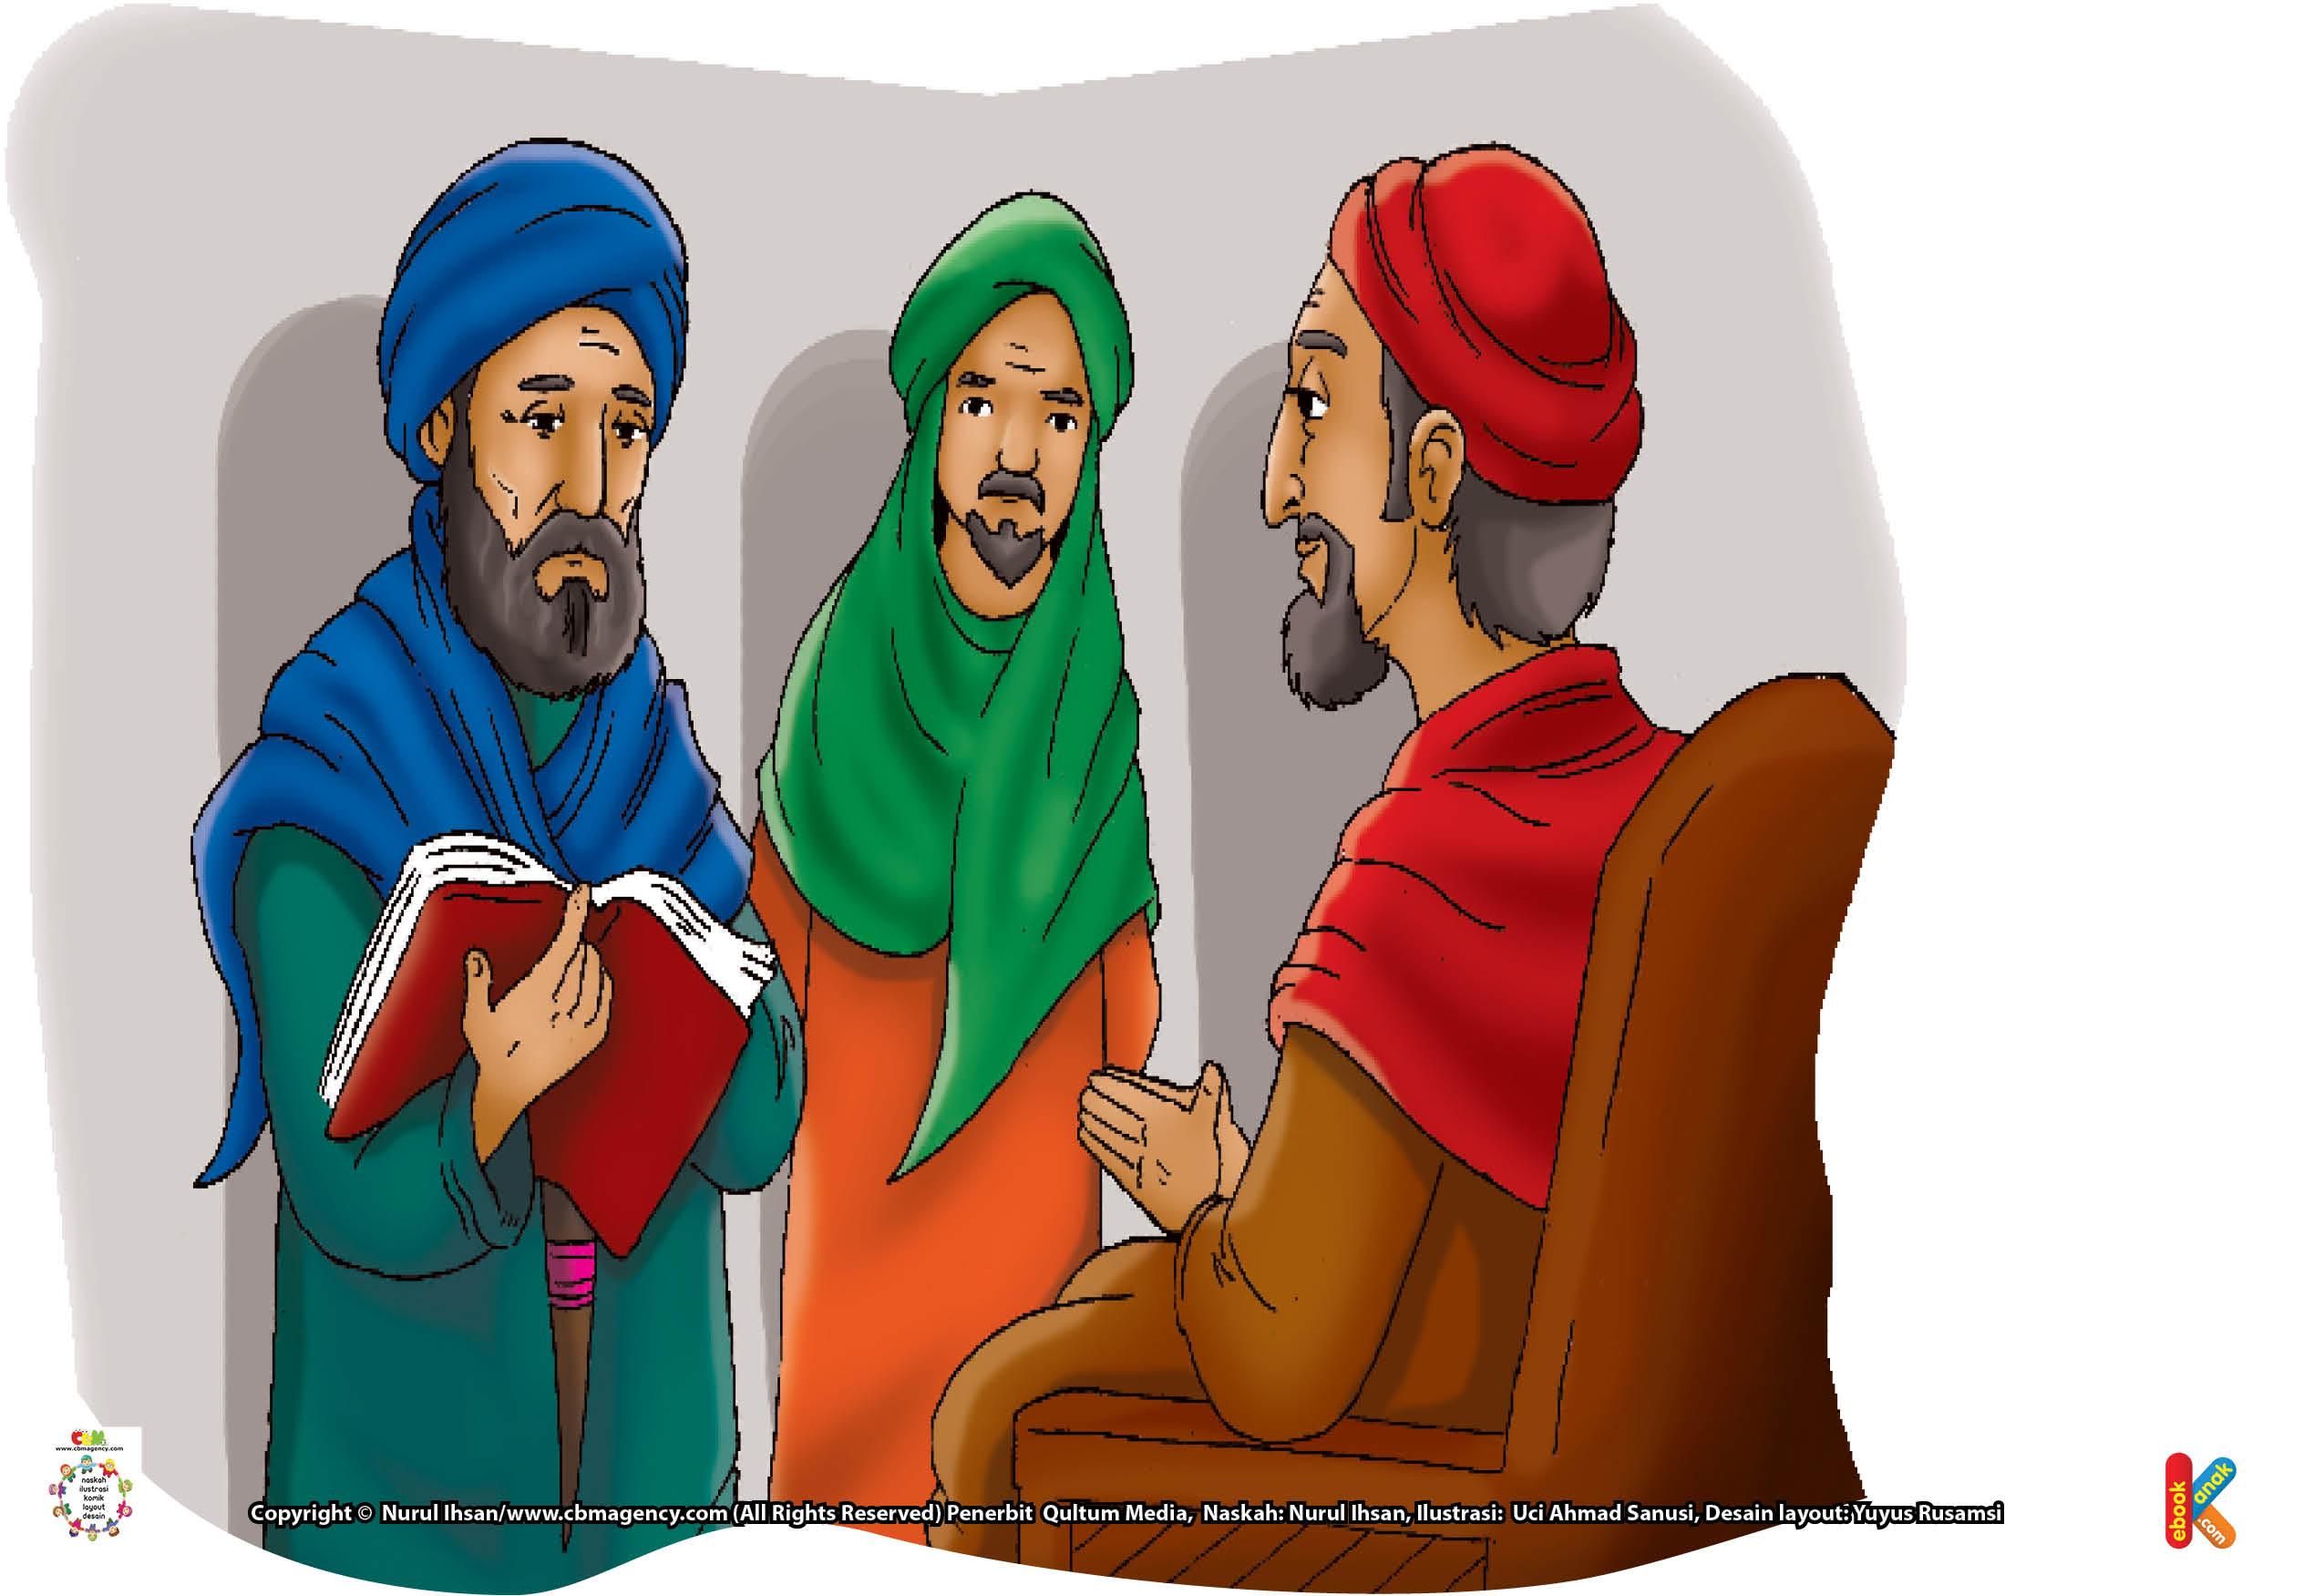 Di berbagai universitas Eropa, buku-buku karya Al-Khawarizmi masih menjadi acuan dan buku teks untuk mahasiswa sampai pertengahan abad ke-16